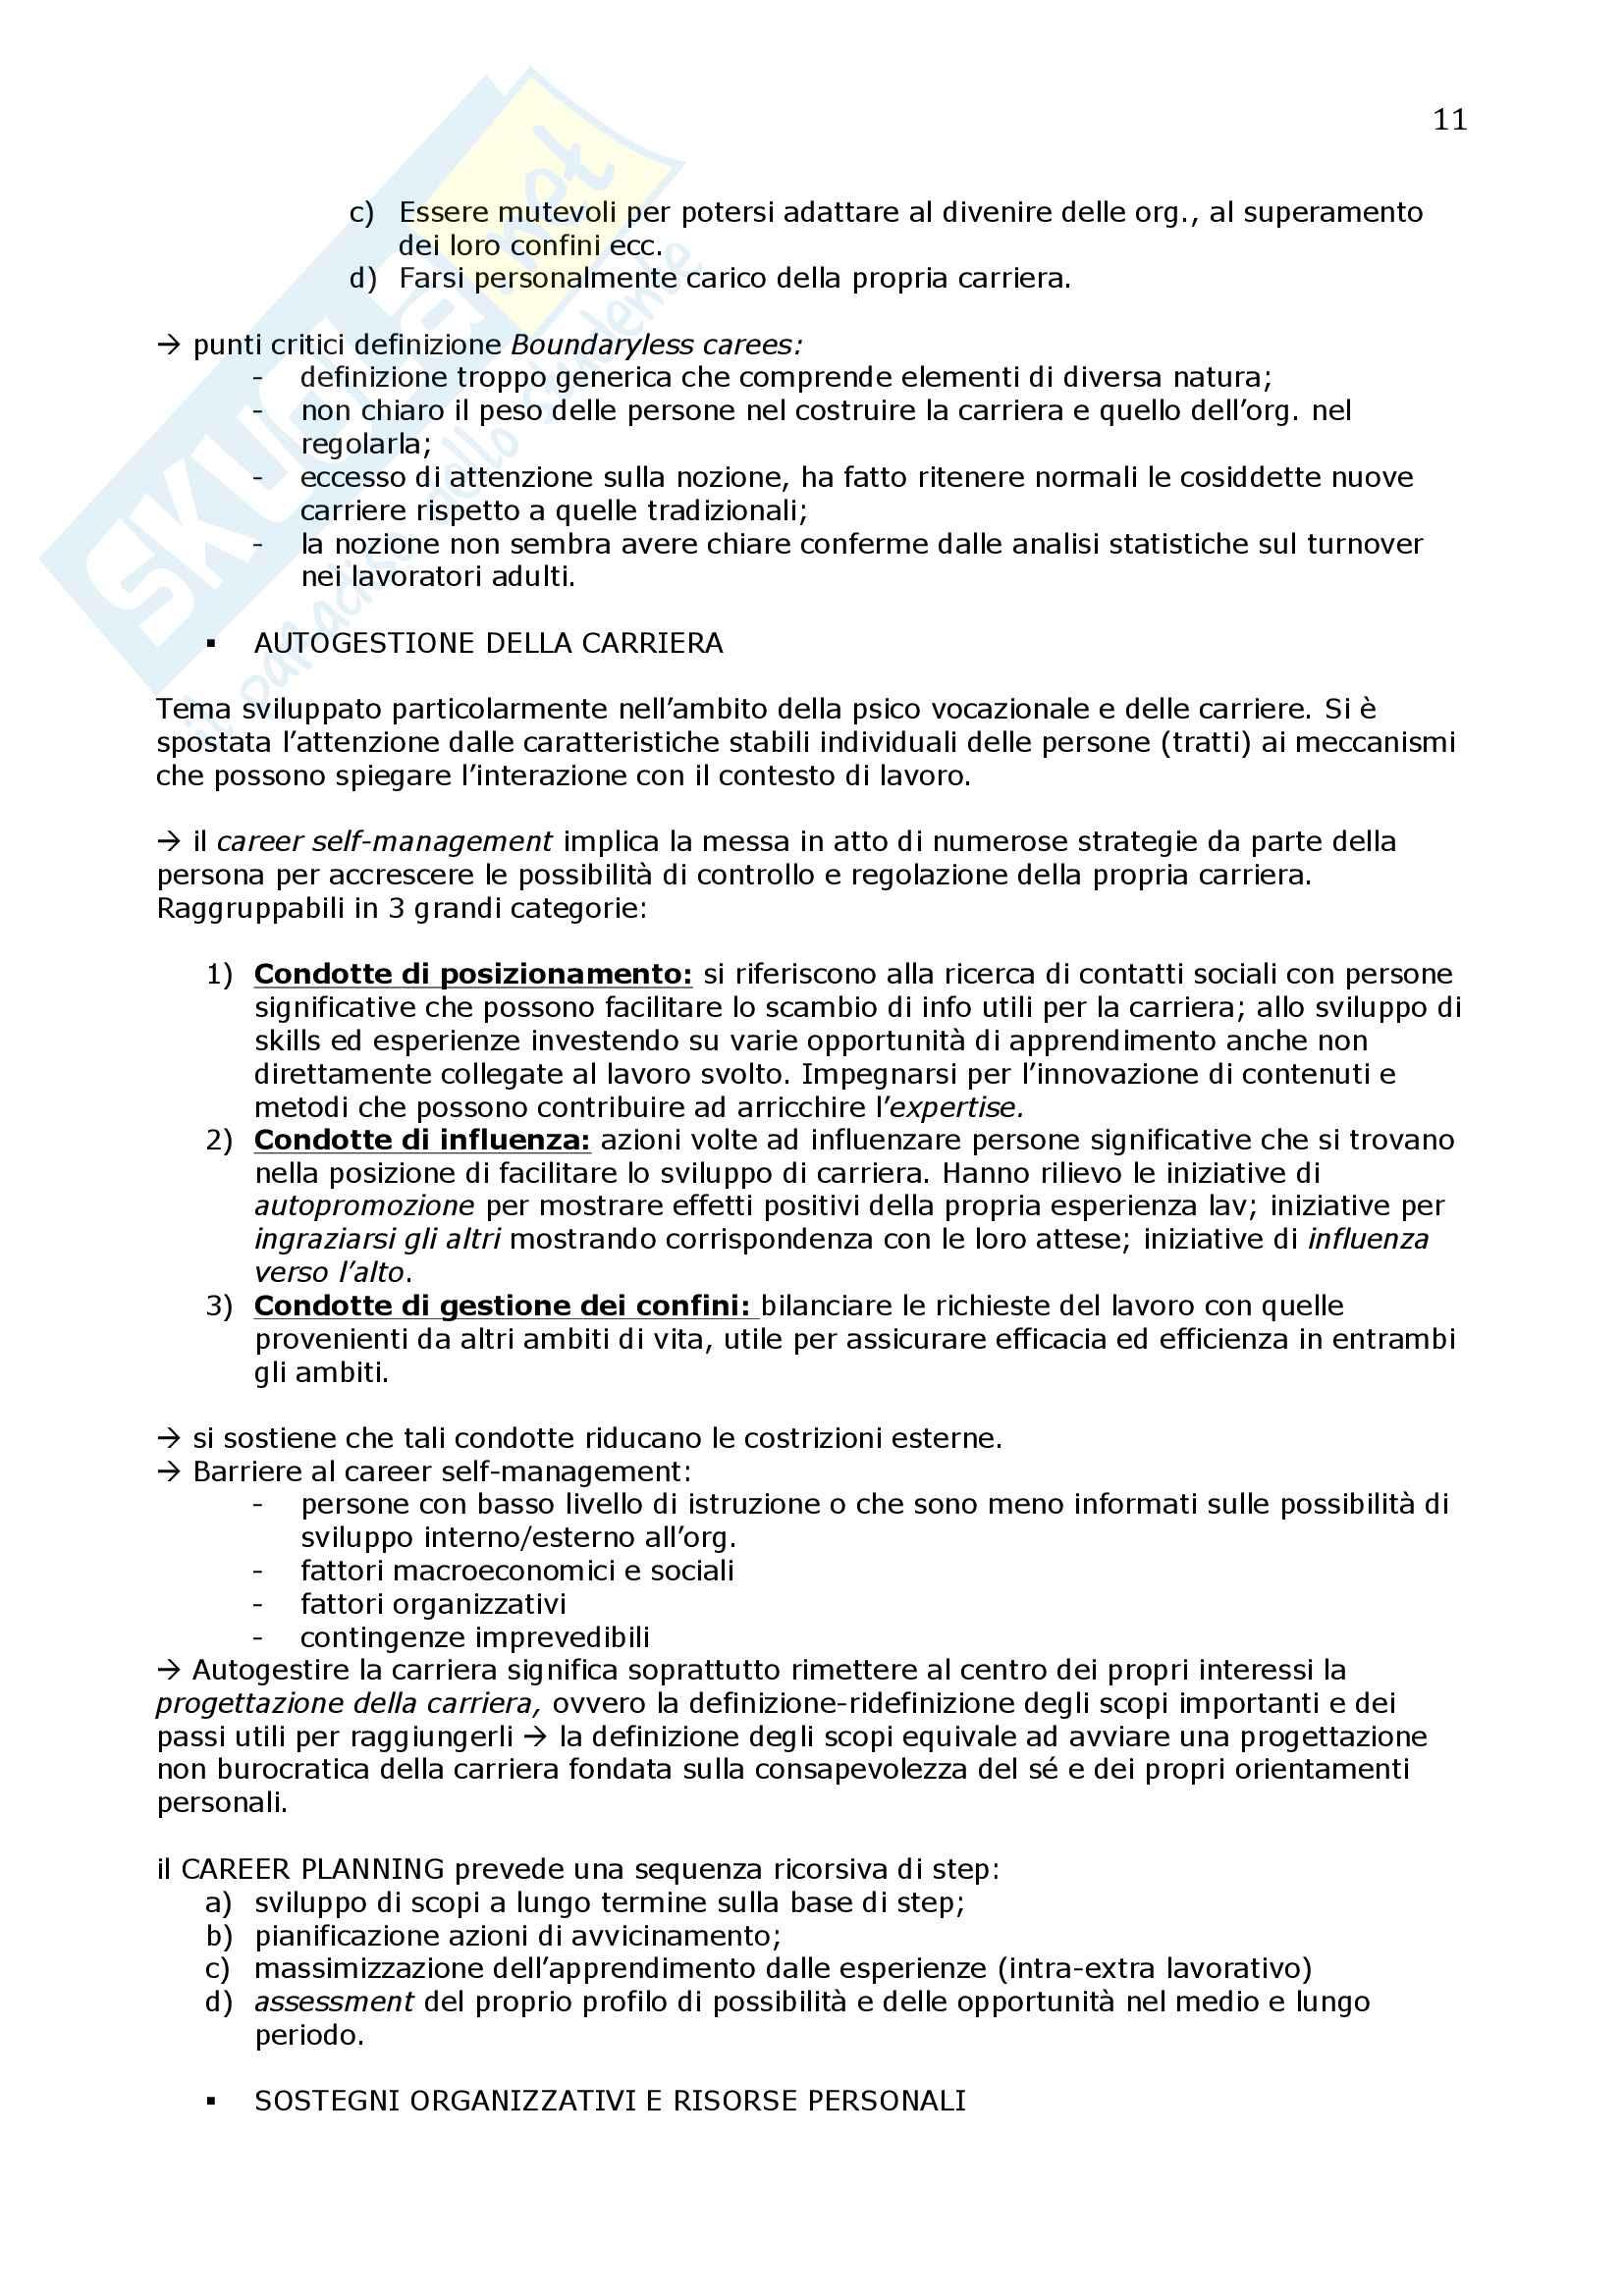 Riassunto esame Psicologia delle organizzazioni, prof. Fraccaroli, libro consigliato Sviluppare la carriera lavorativa, Toderi Sarchielli Pag. 11